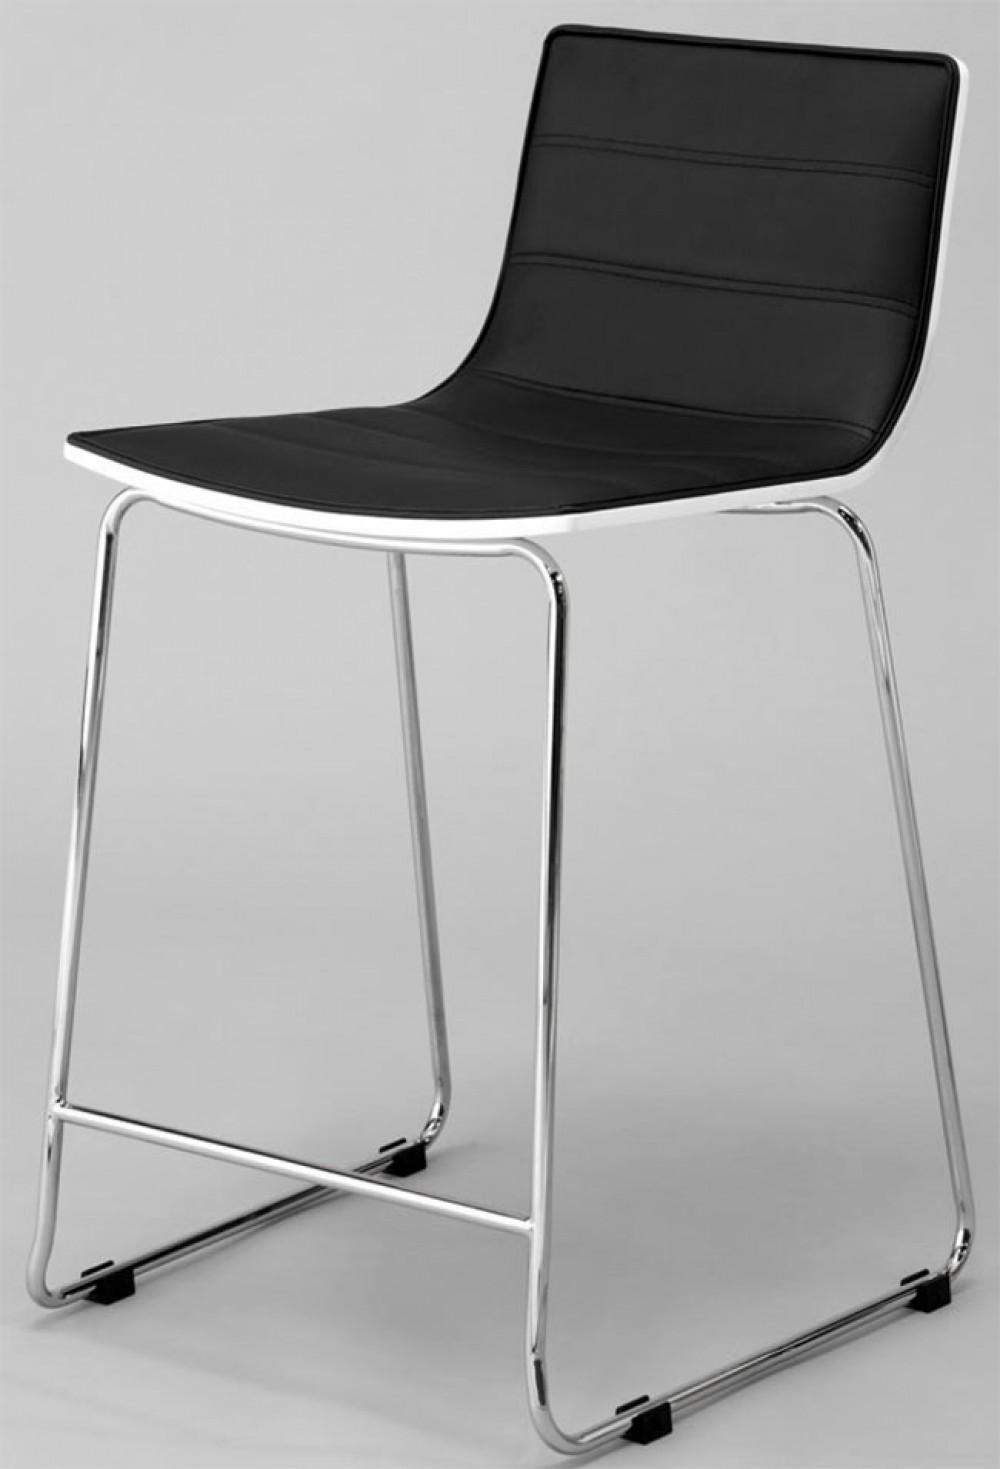 barstuhl schwarz wei barhocker sitzh he 65 cm. Black Bedroom Furniture Sets. Home Design Ideas